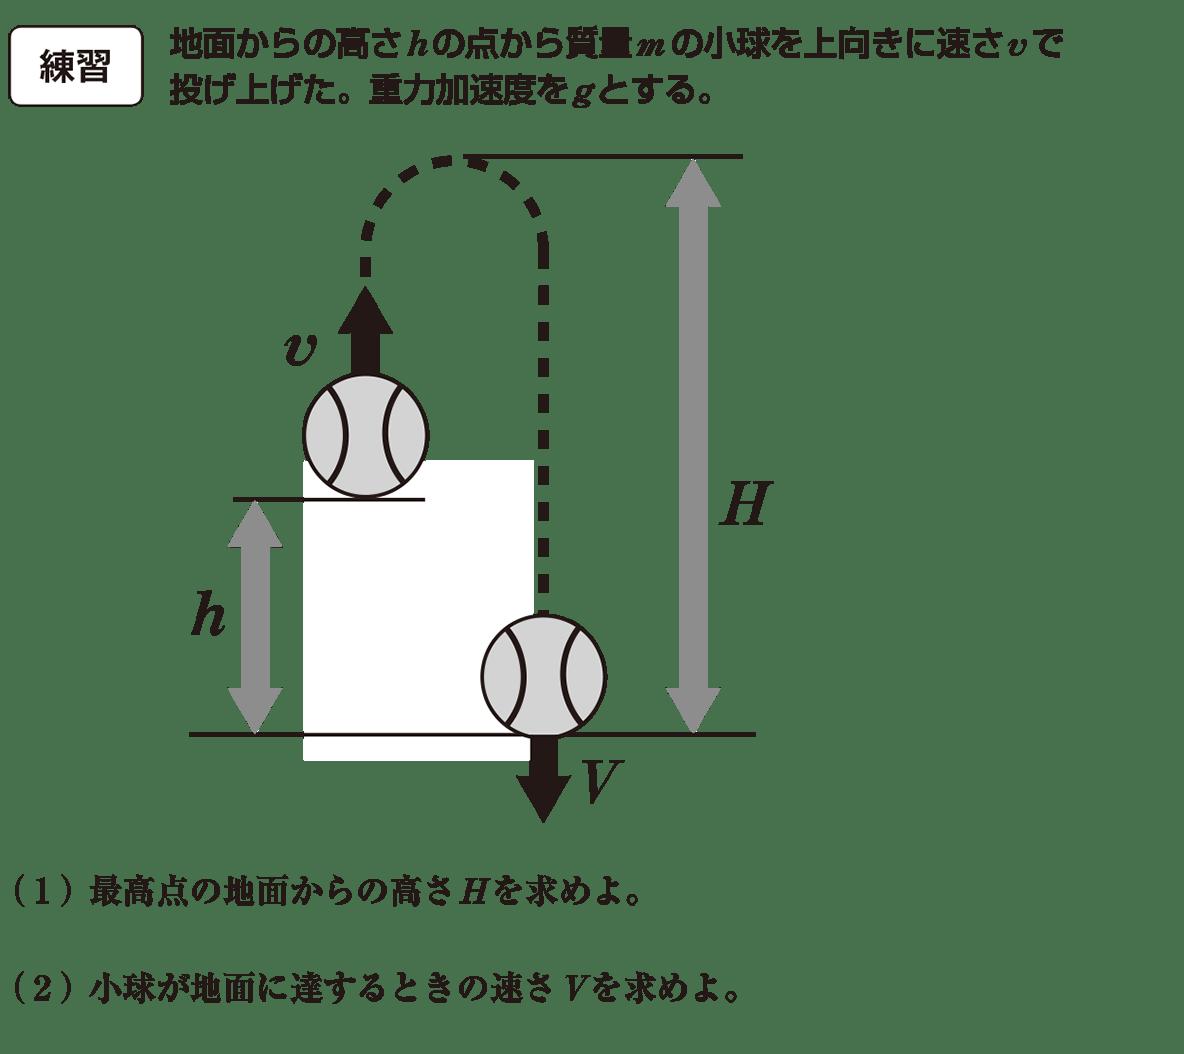 エネルギー 保存 法則 の 力学 的